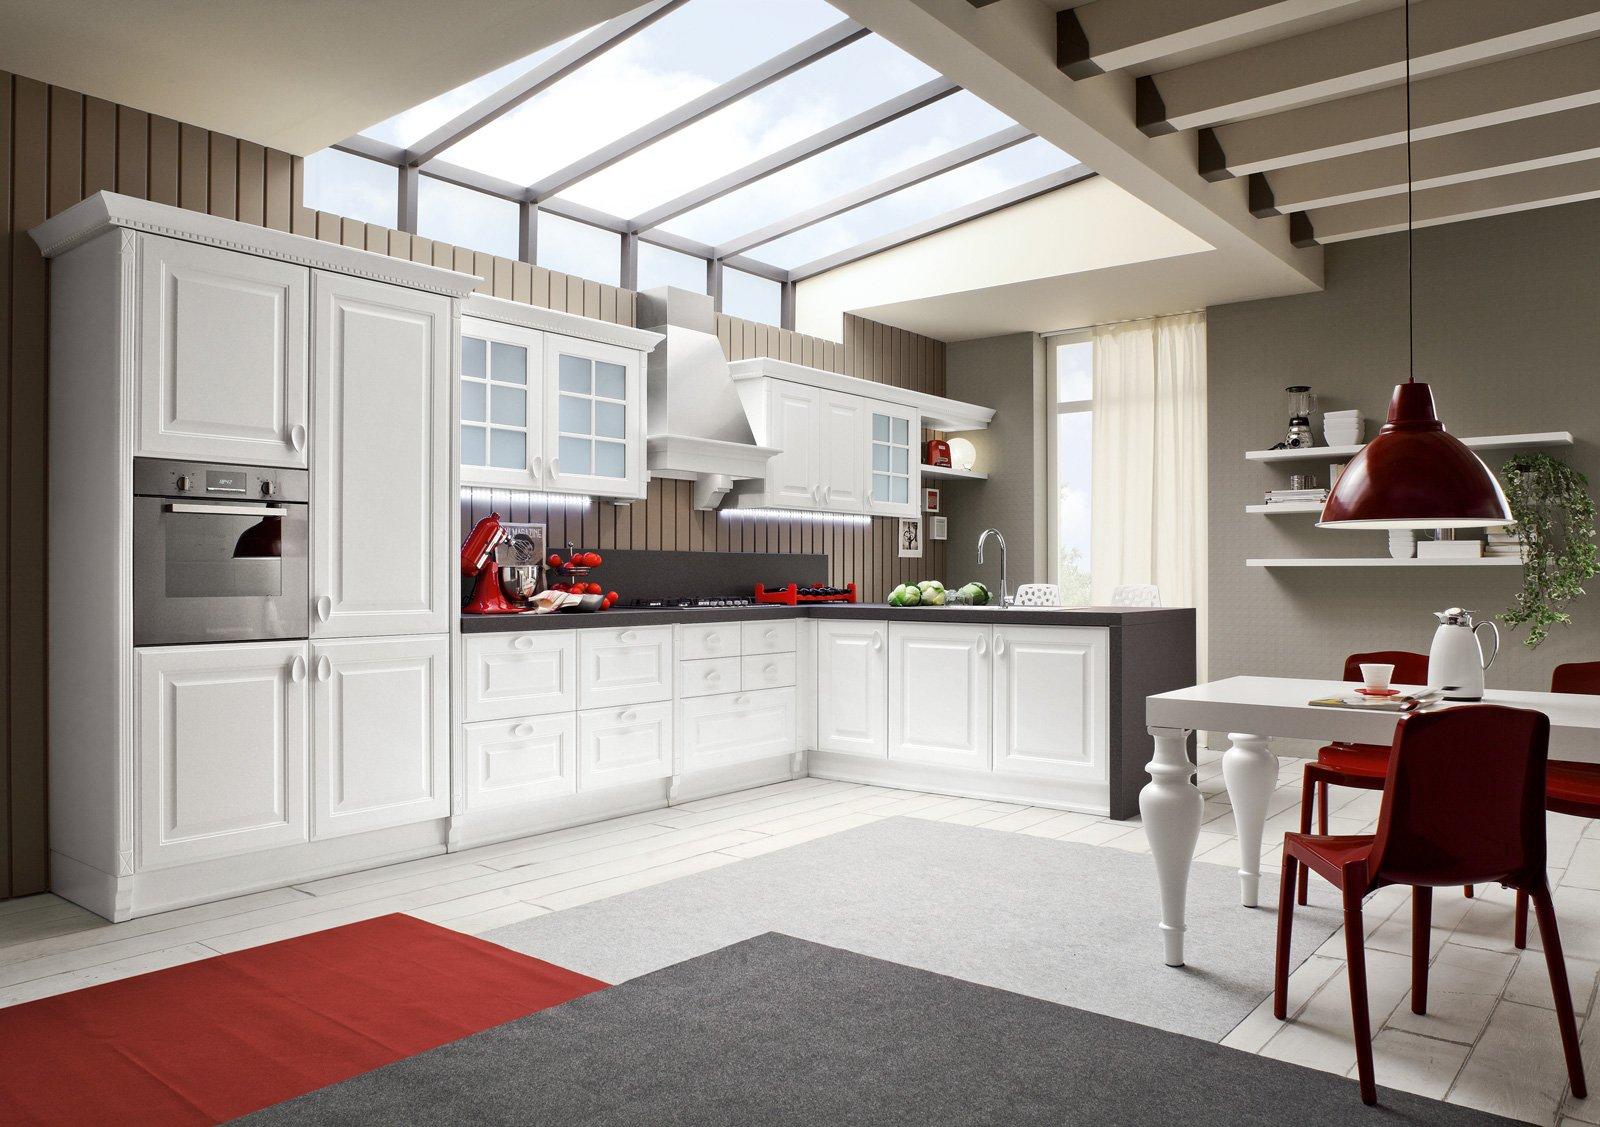 Amato Tanto bianco e la cucina raddoppia visivamente - Cose di Casa XX39